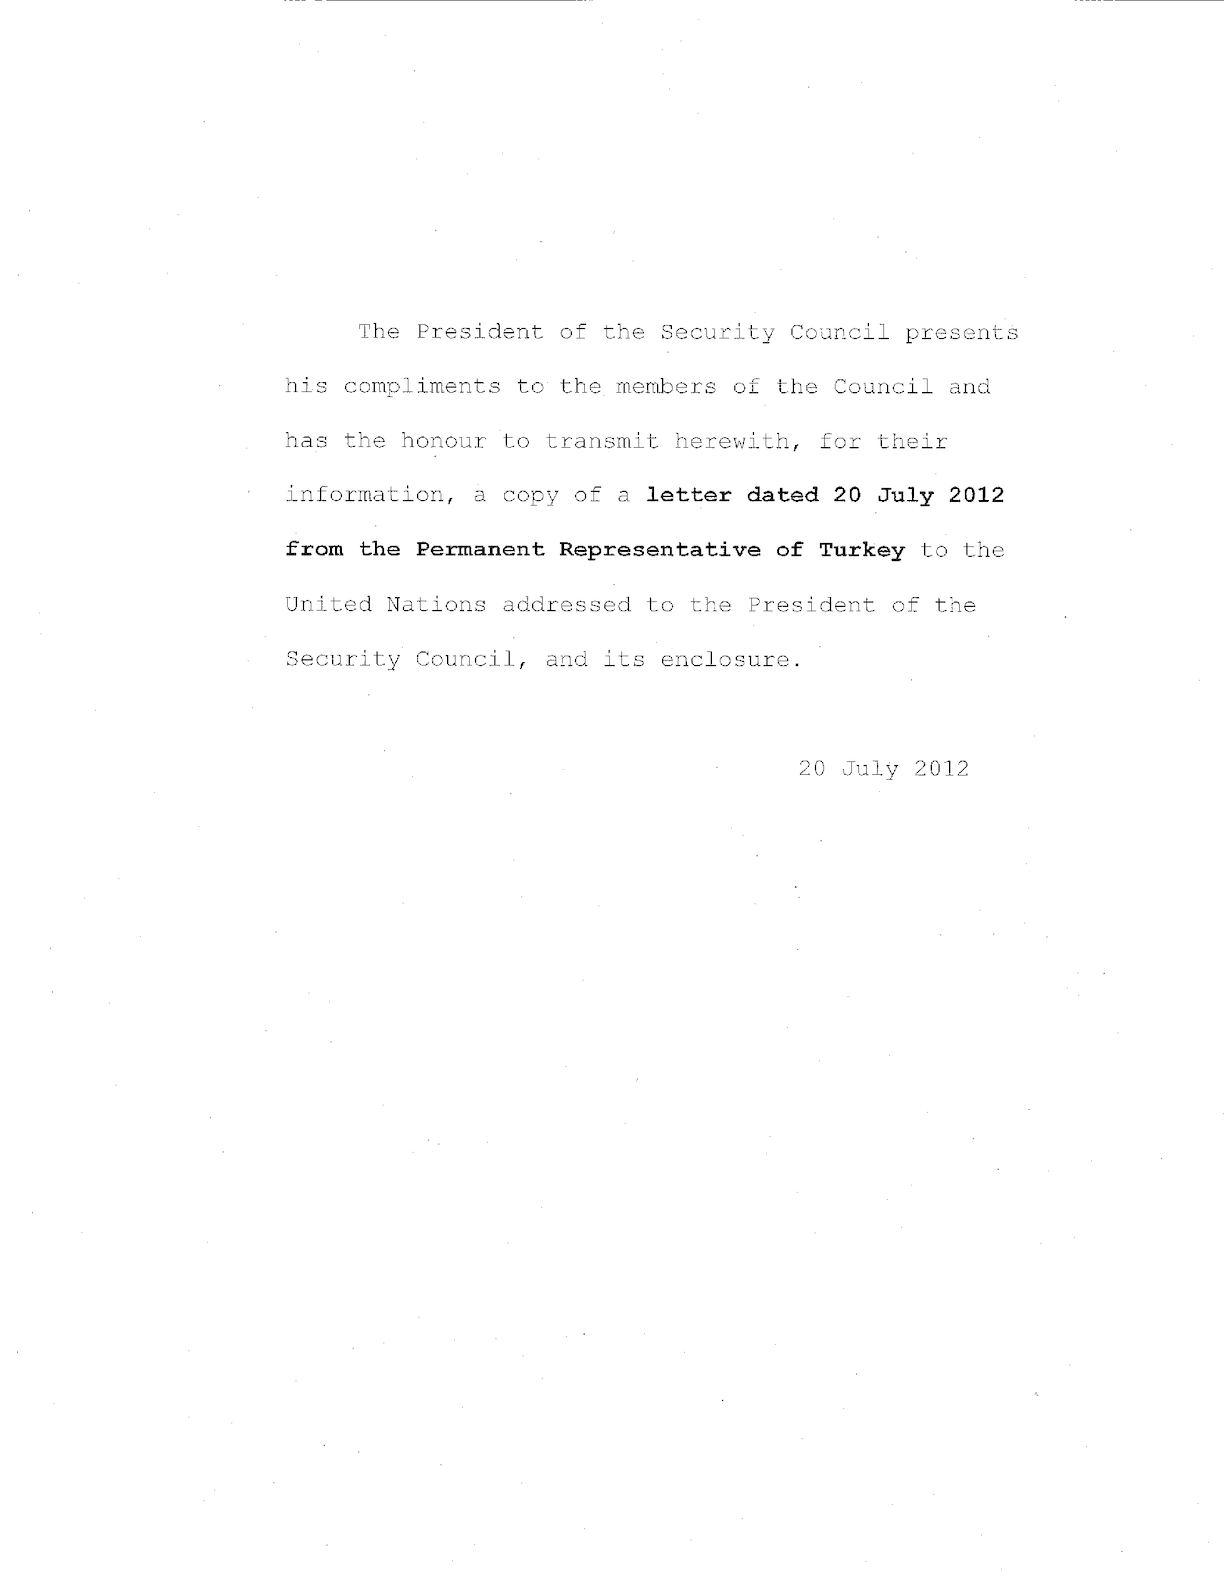 200712 Turkey Letter Of 20 July(1).